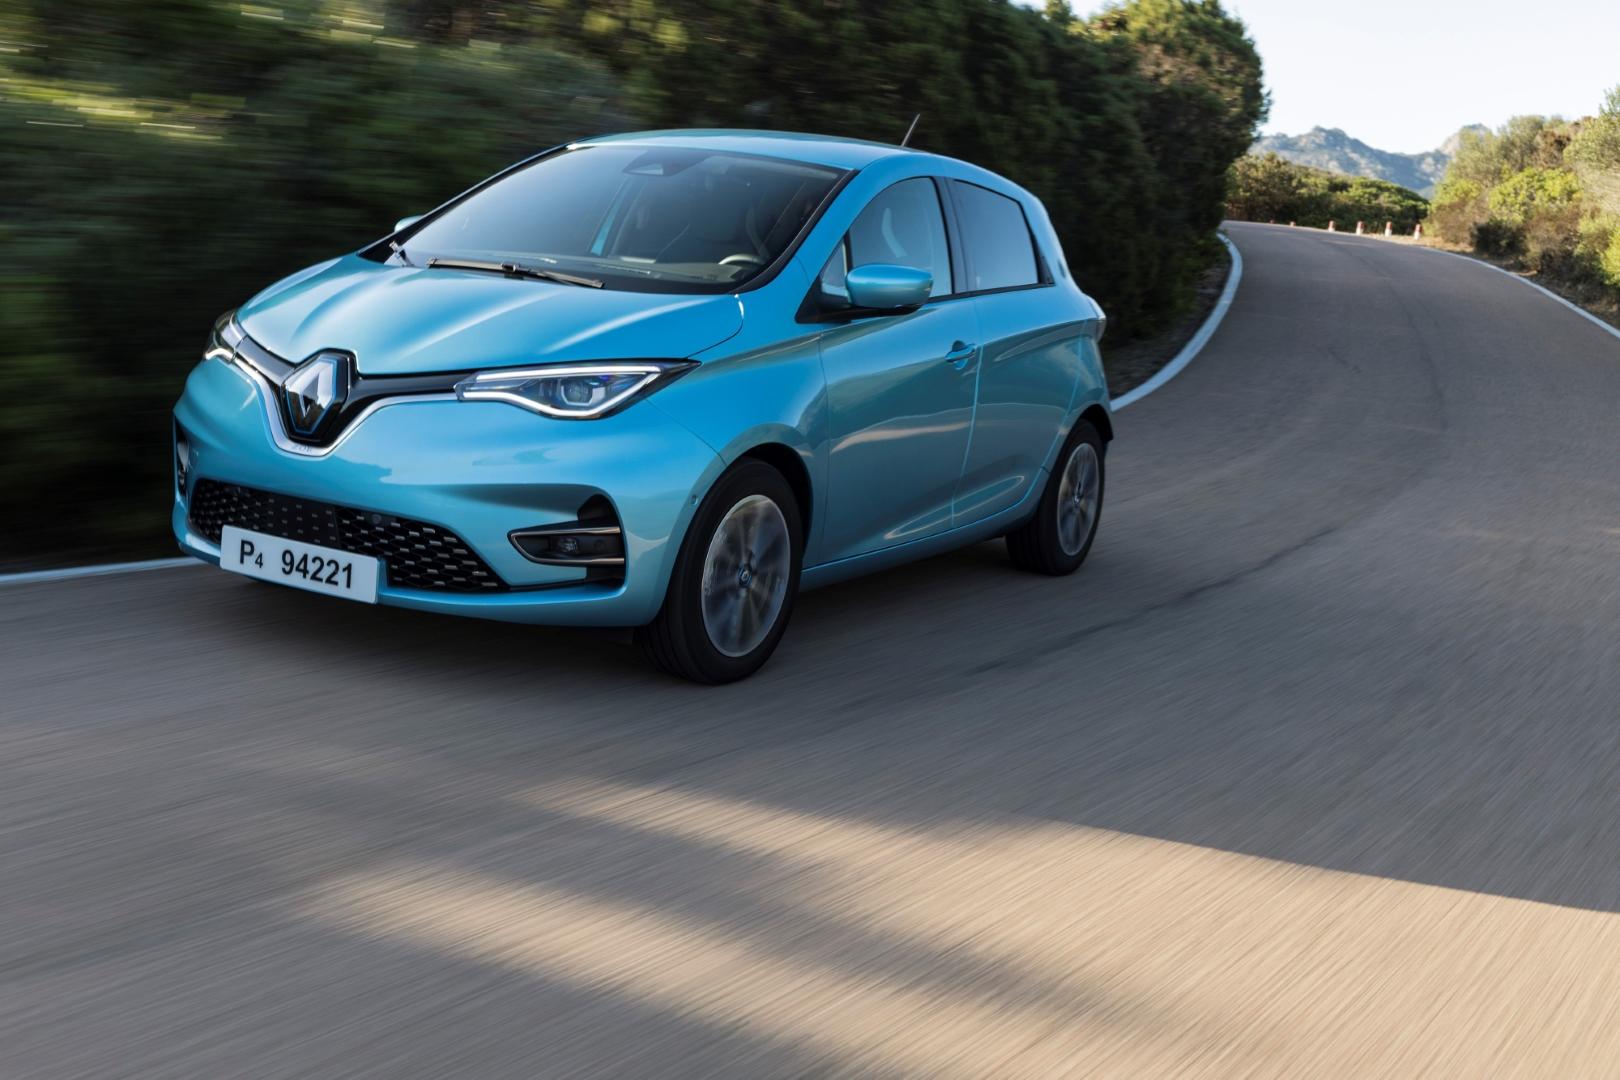 mėlynas elektromobilis Renault Zoe važiuoja keliu